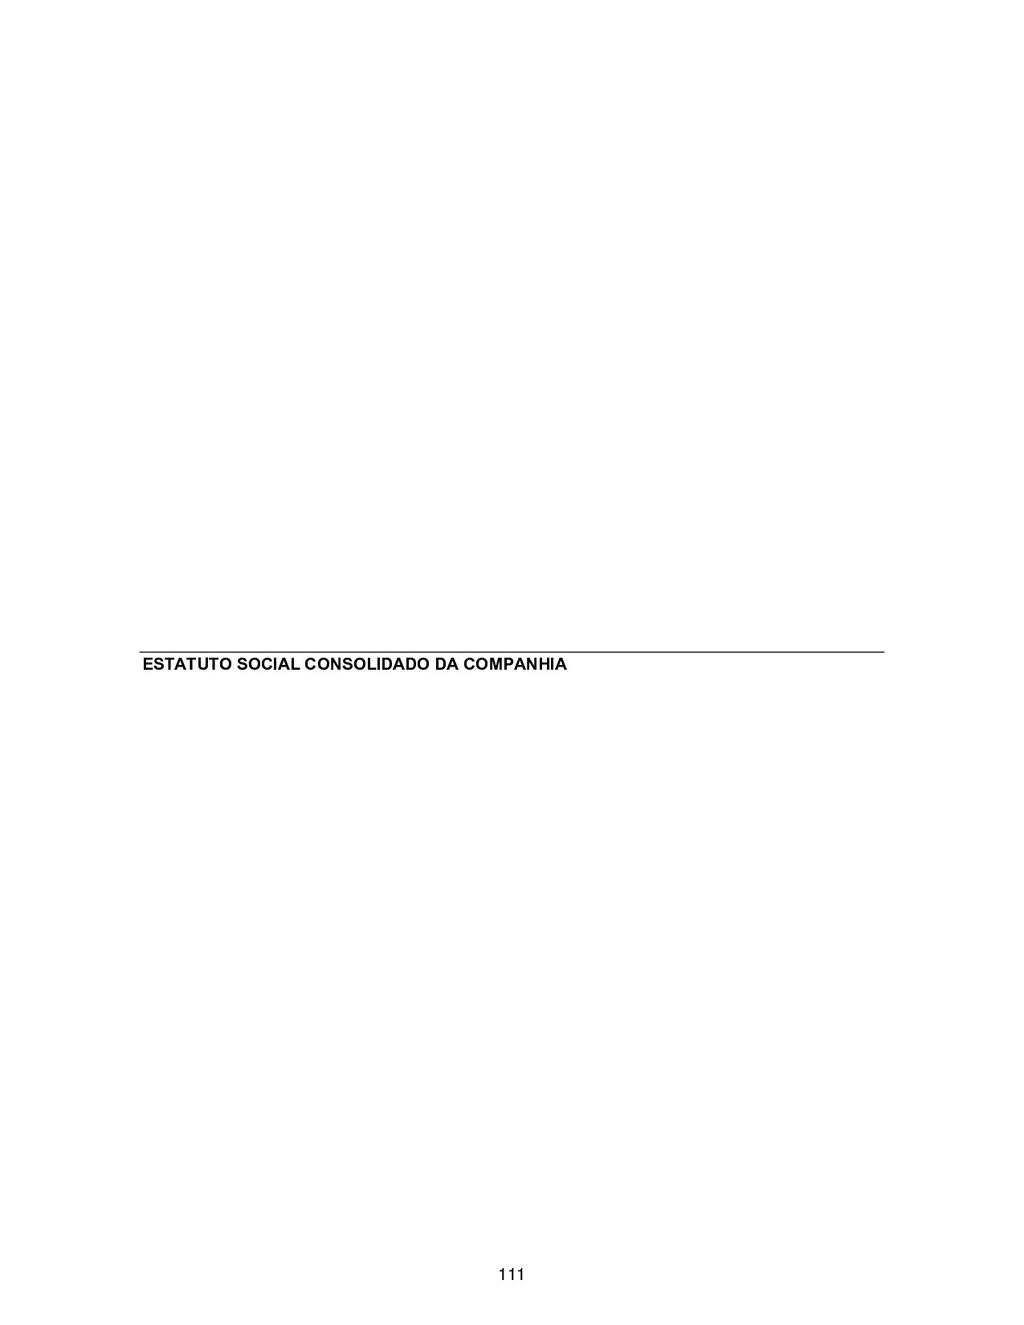 ESTATUTO SOCIAL CONSOLIDADO DA COMPANHIA 111